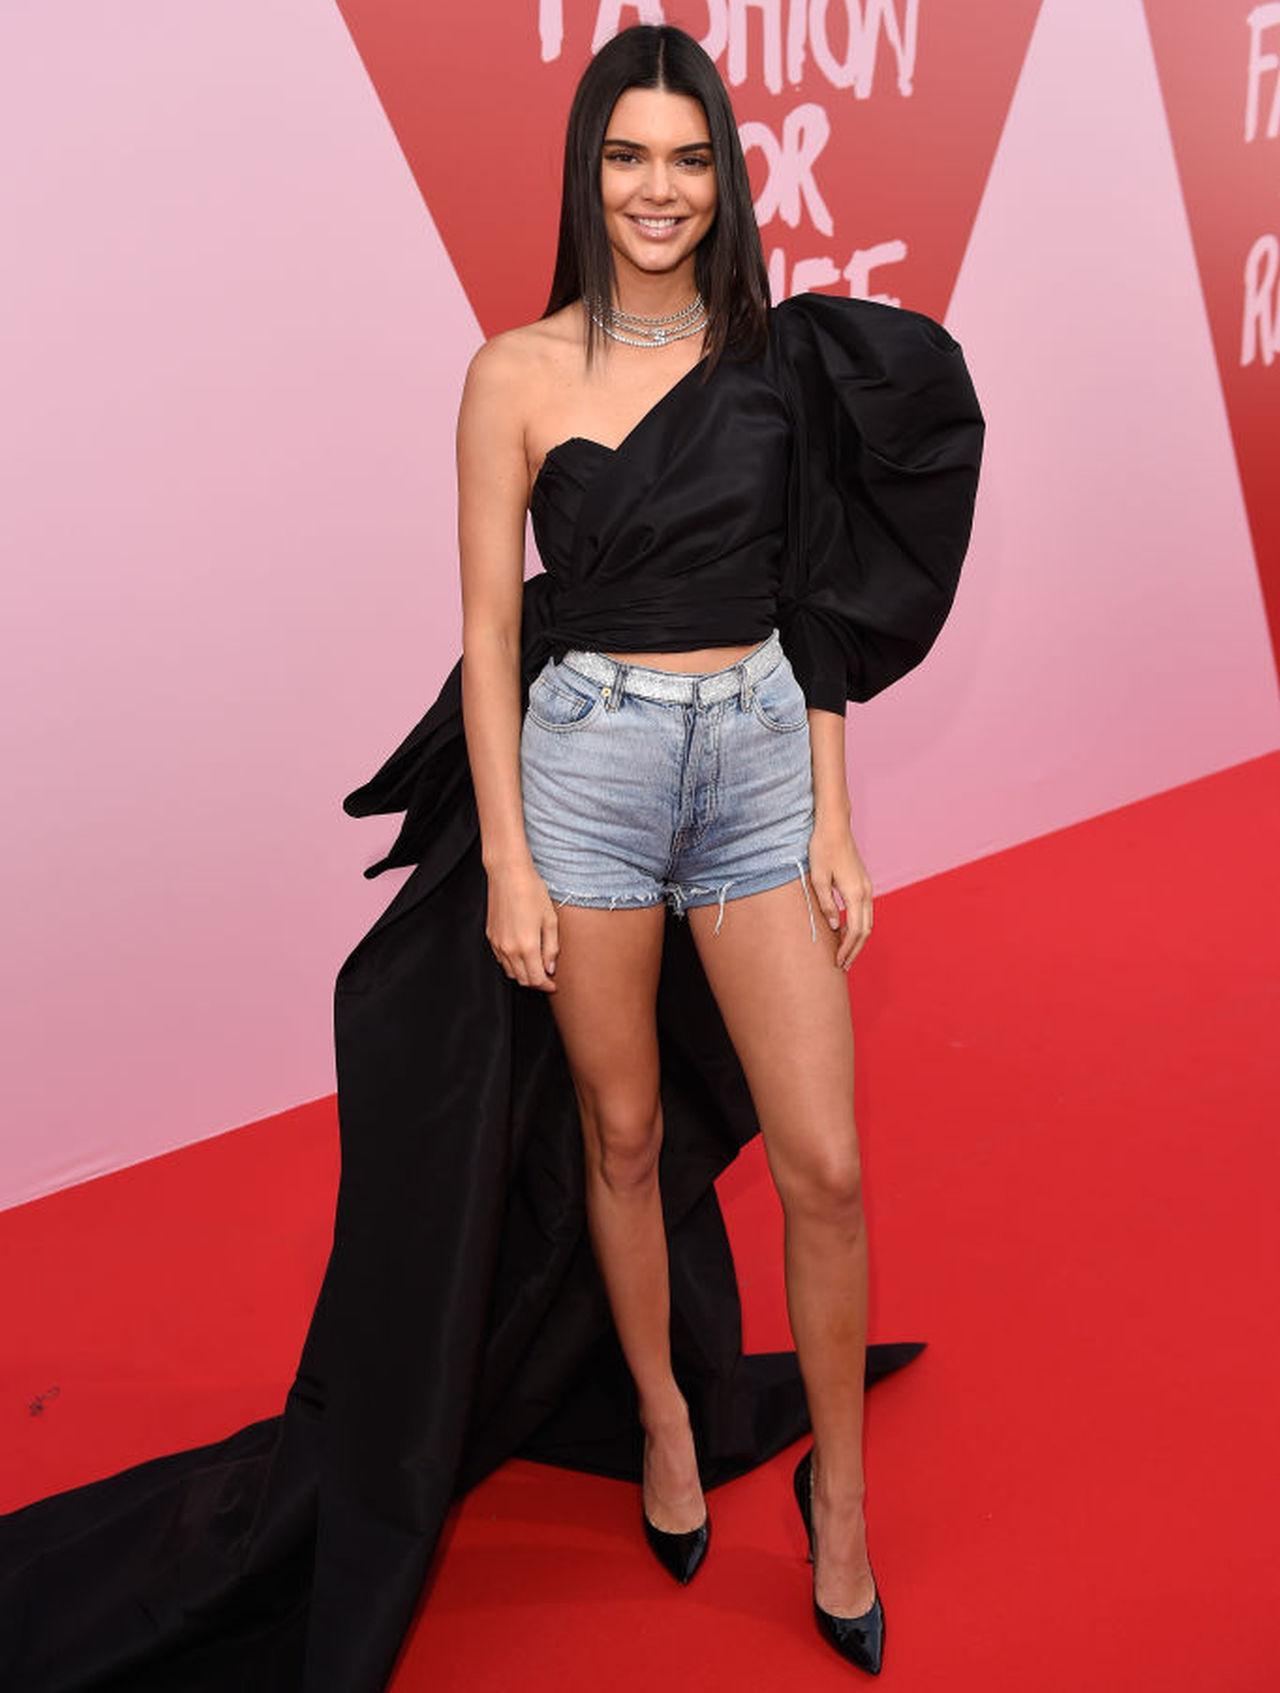 <p>Кендъл Дженър заложи на къси дънкови панталони&nbsp;на филмовия фестивал в Кан през 2017 година</p>